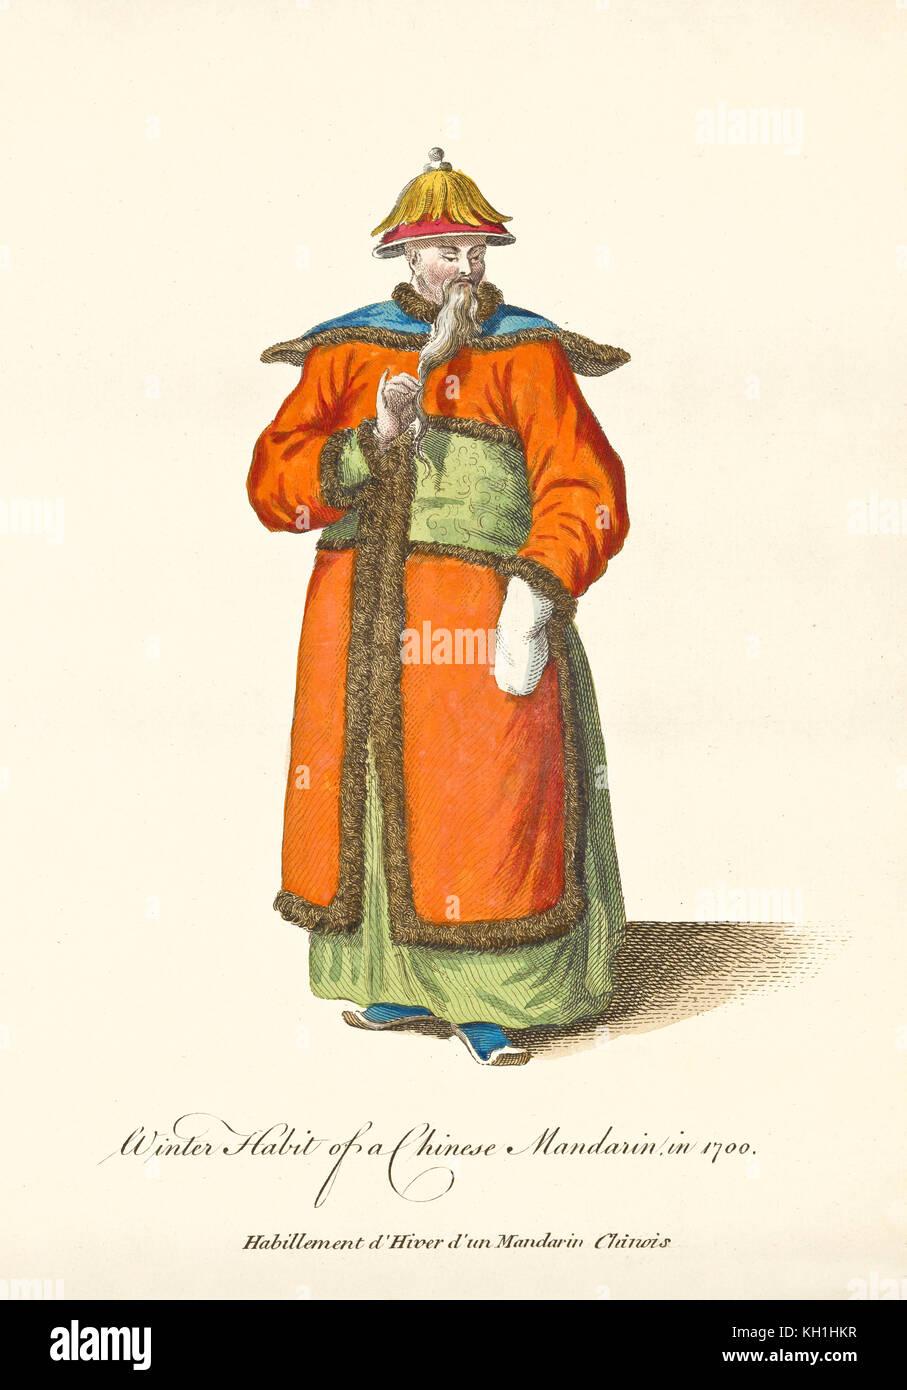 c10e7b4a7f6f2e Alte illustratiion der chinesische Mandarin in traditionellen Winter Kleider  in 1700. Von J.M. Vien,